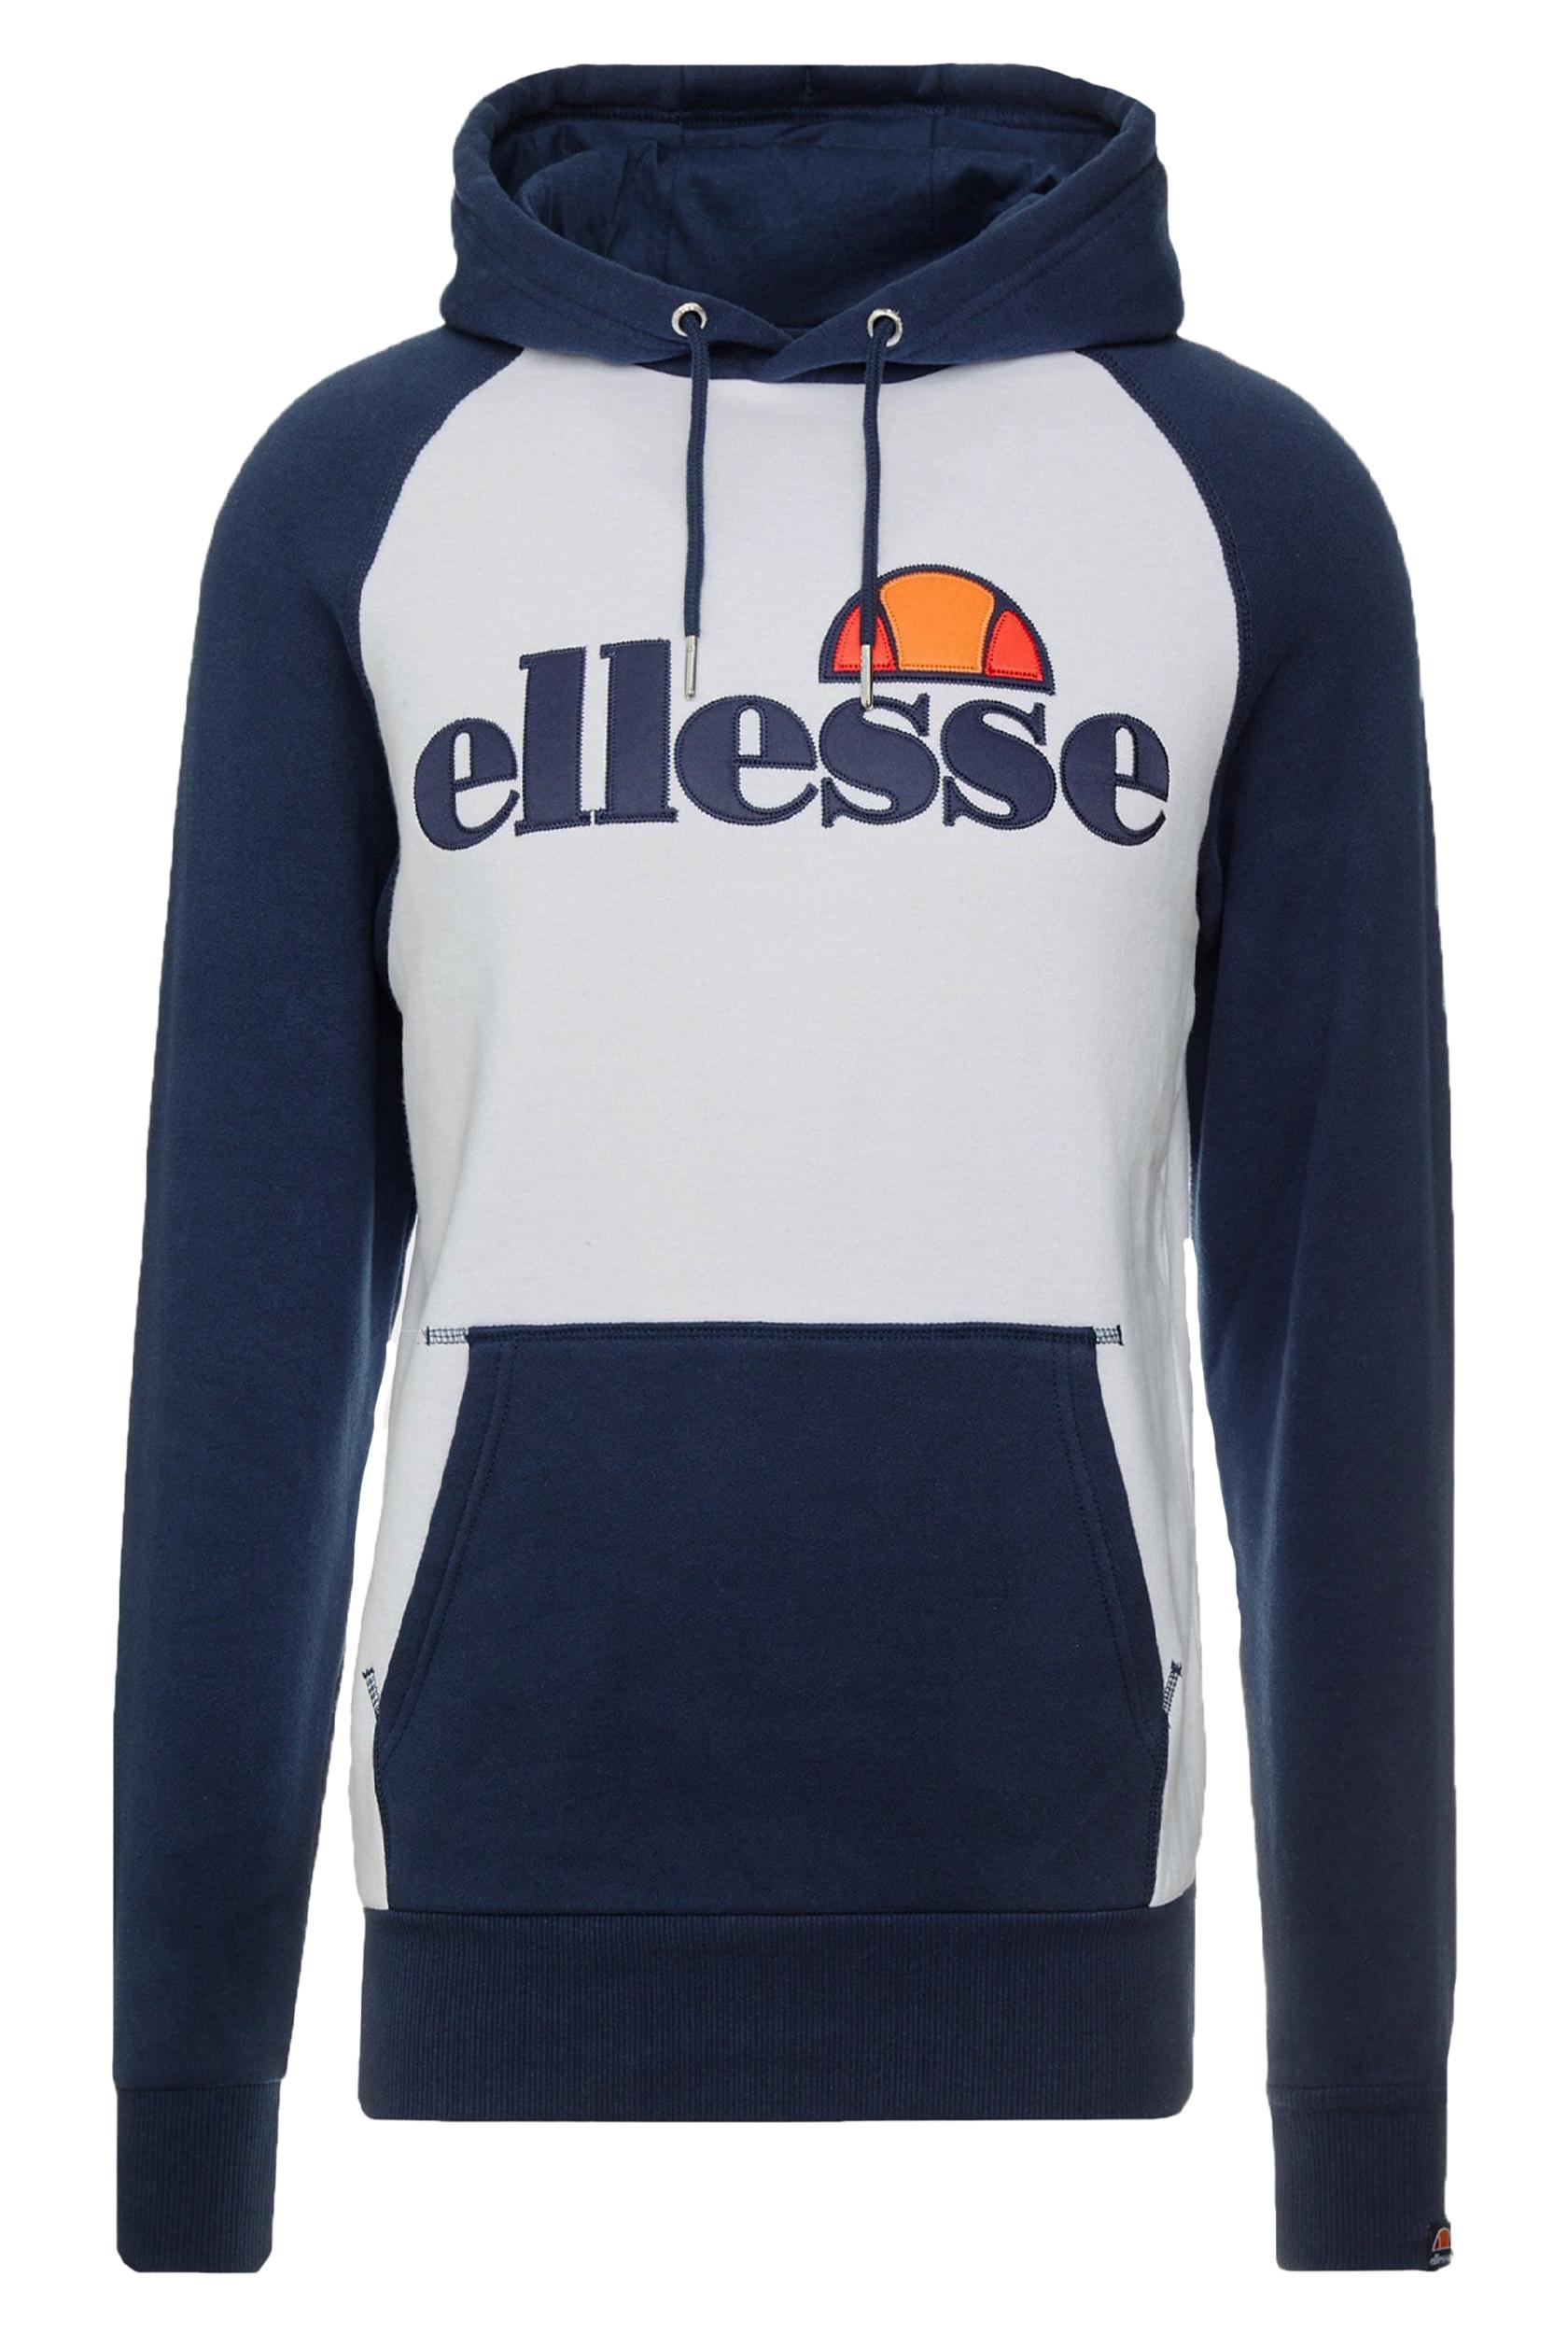 Sweats et vestes à capuches bleus ellesse pour homme   eBay